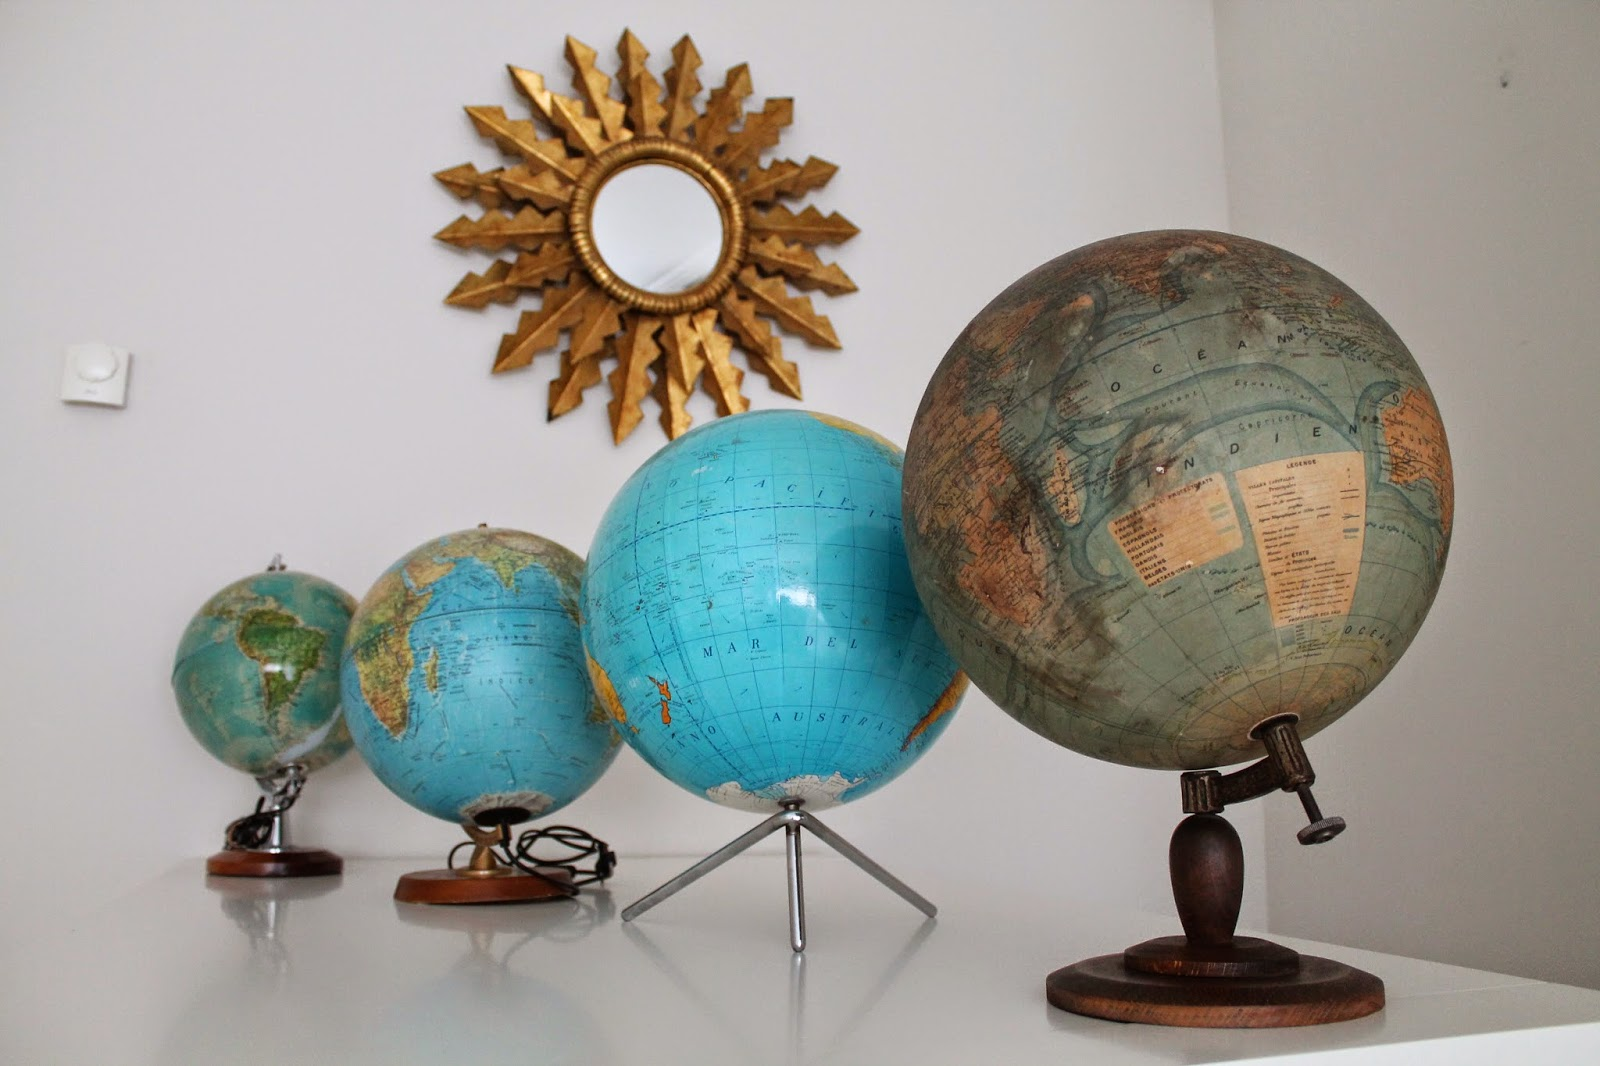 Vintager a antiguo globo terr queo o bola del mundo a os - Bola del mundo decoracion ...